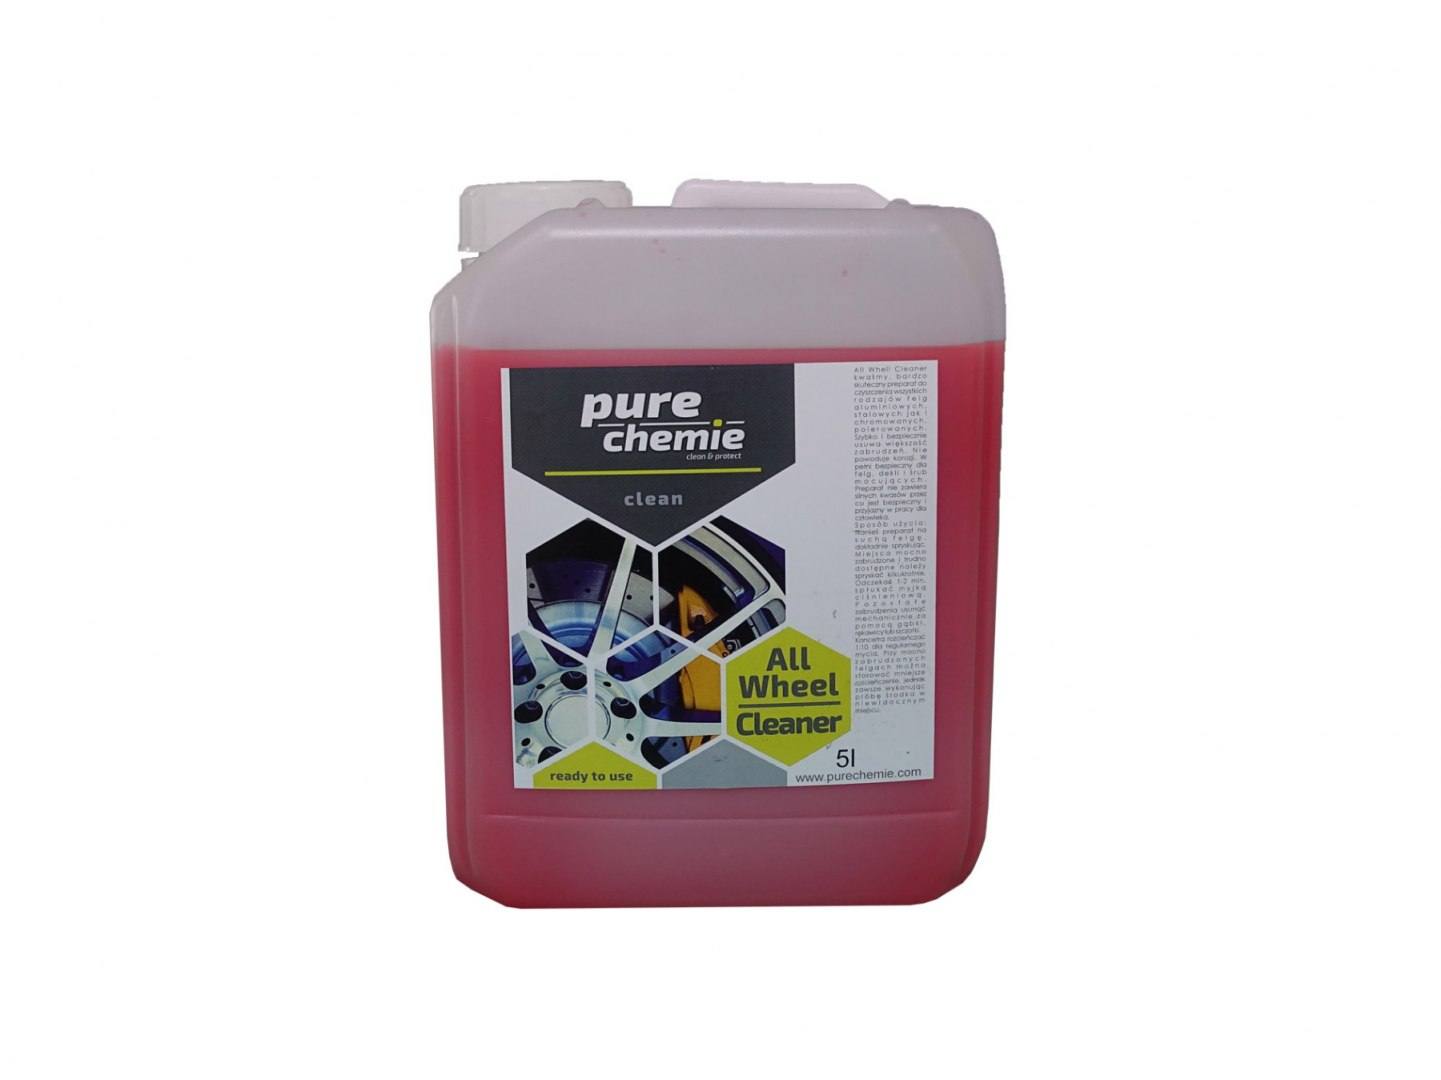 Pure Chemie All Wheel Cleaner 5L (Mycie felg) - GRUBYGARAGE - Sklep Tuningowy